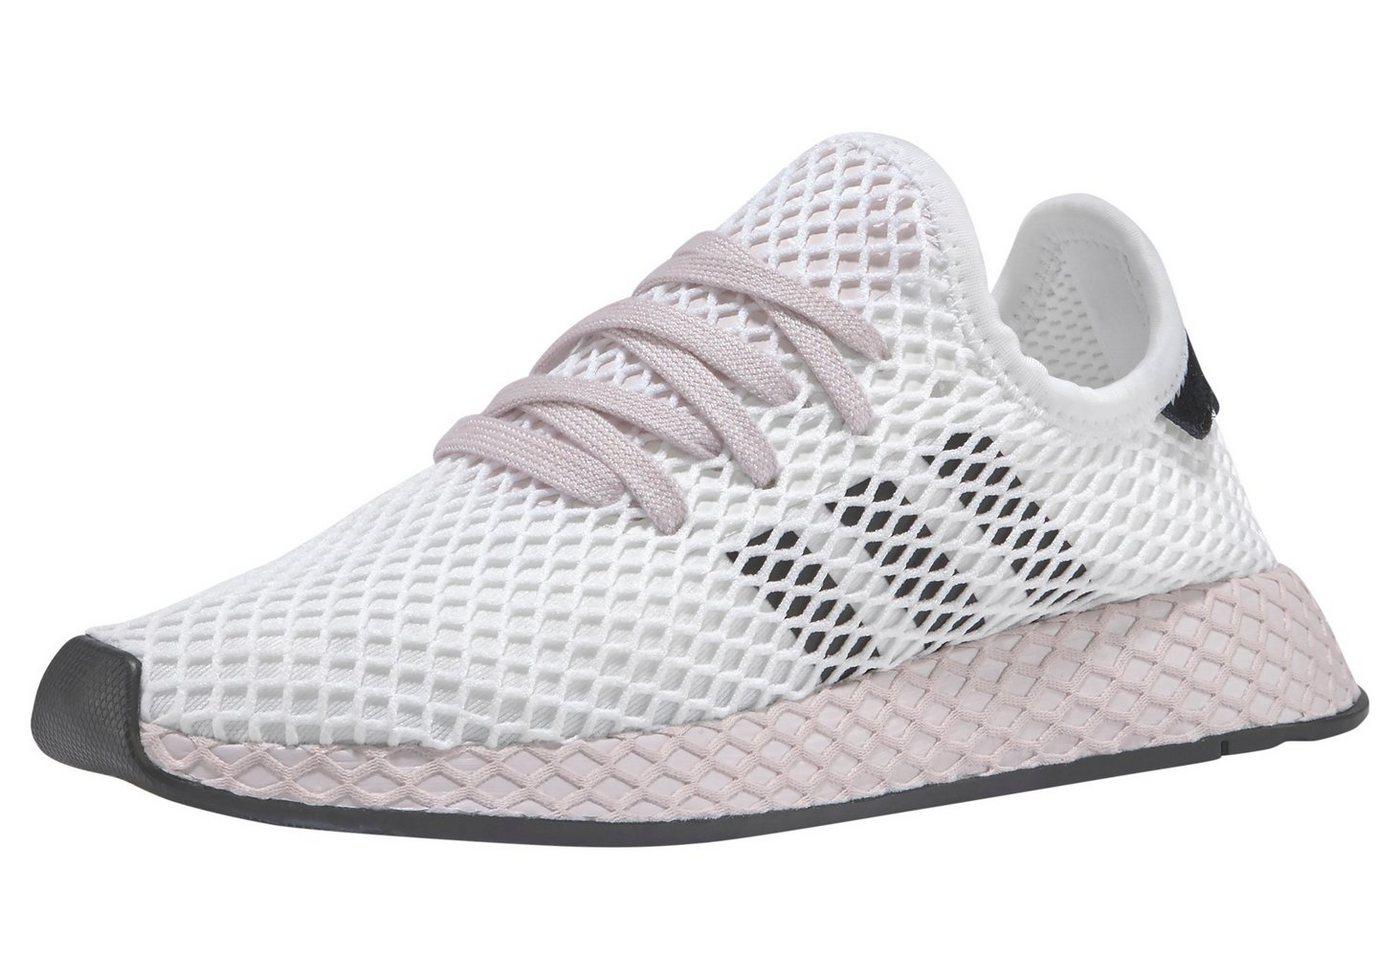 Adidas Originals Deerupt Runner Herren weiß EE5673